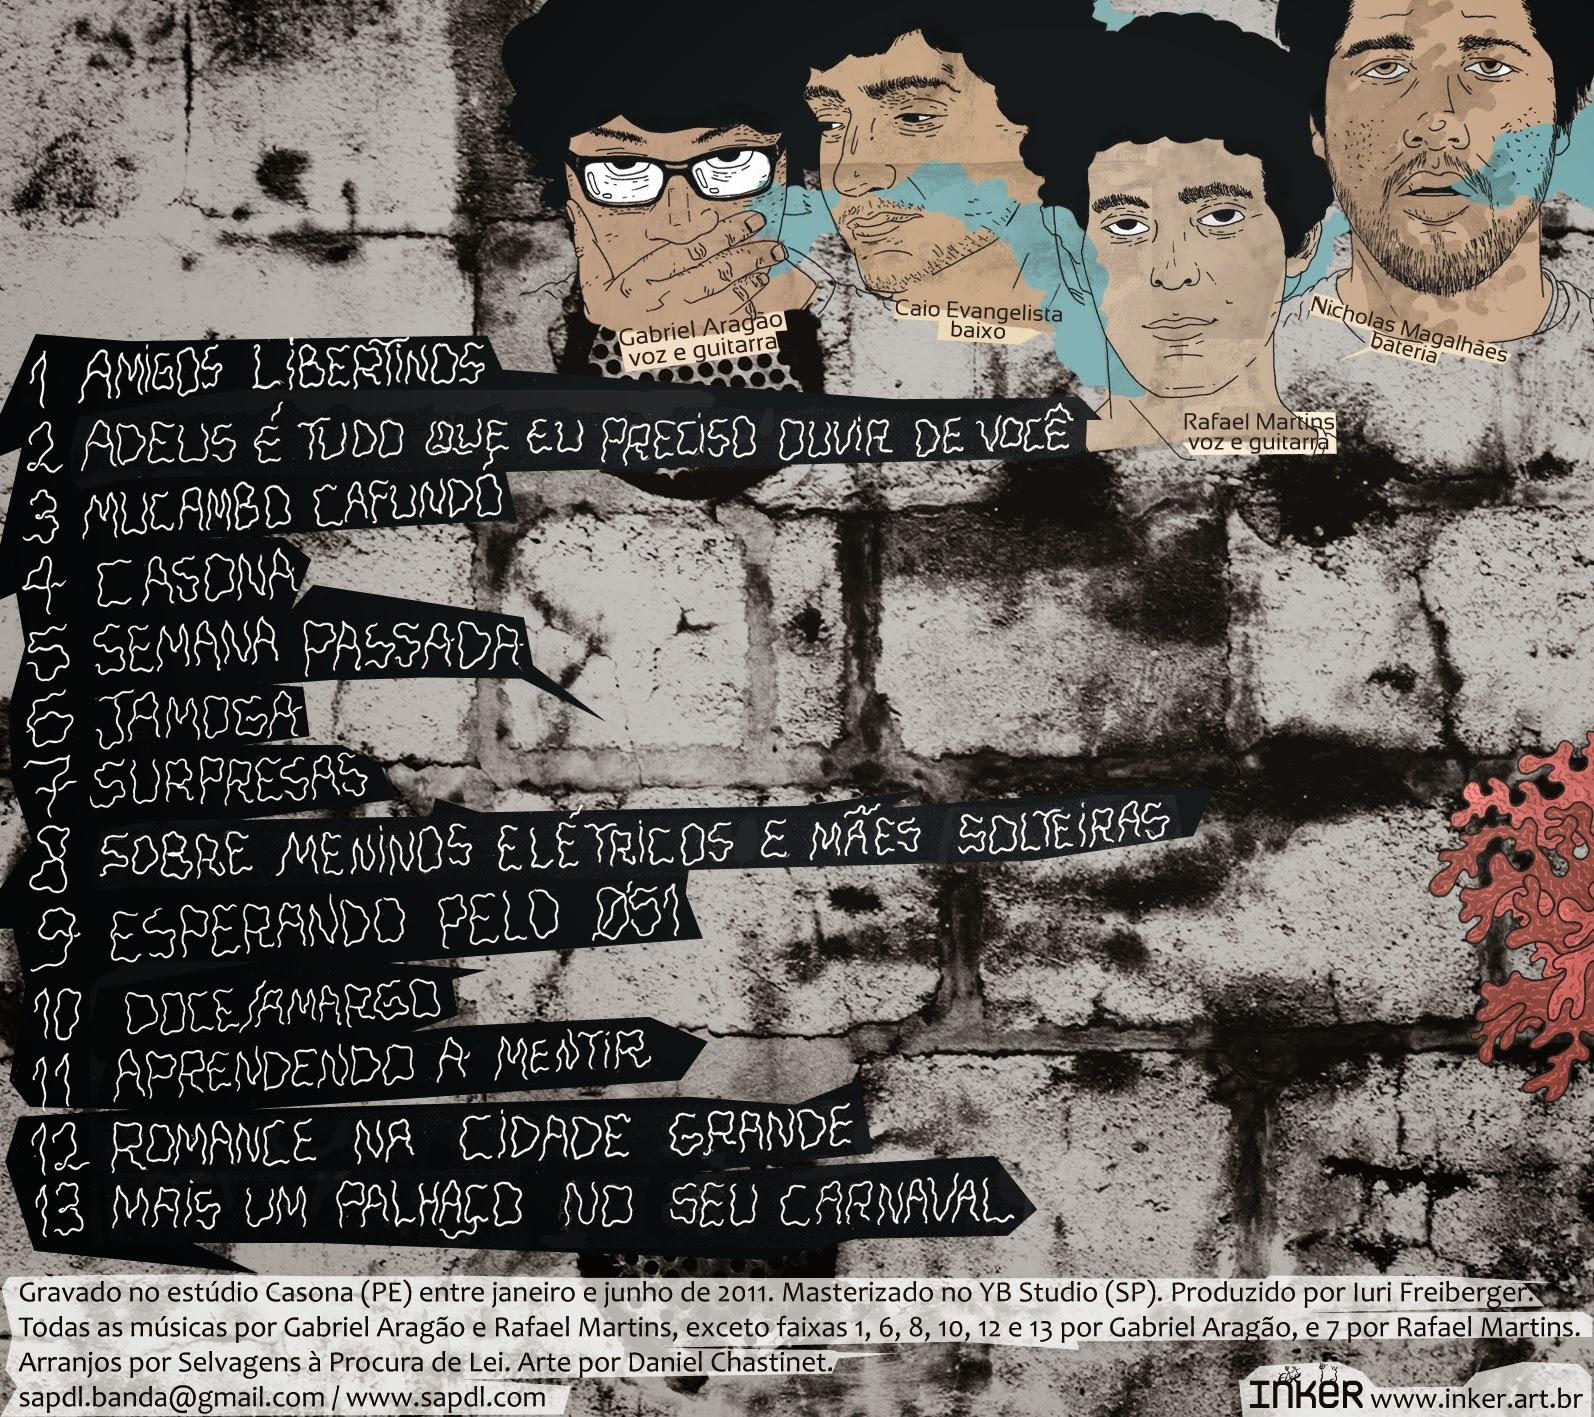 Filho Da Ada Selvagens à Procura De Lei Aprendendo A Mentir 2011